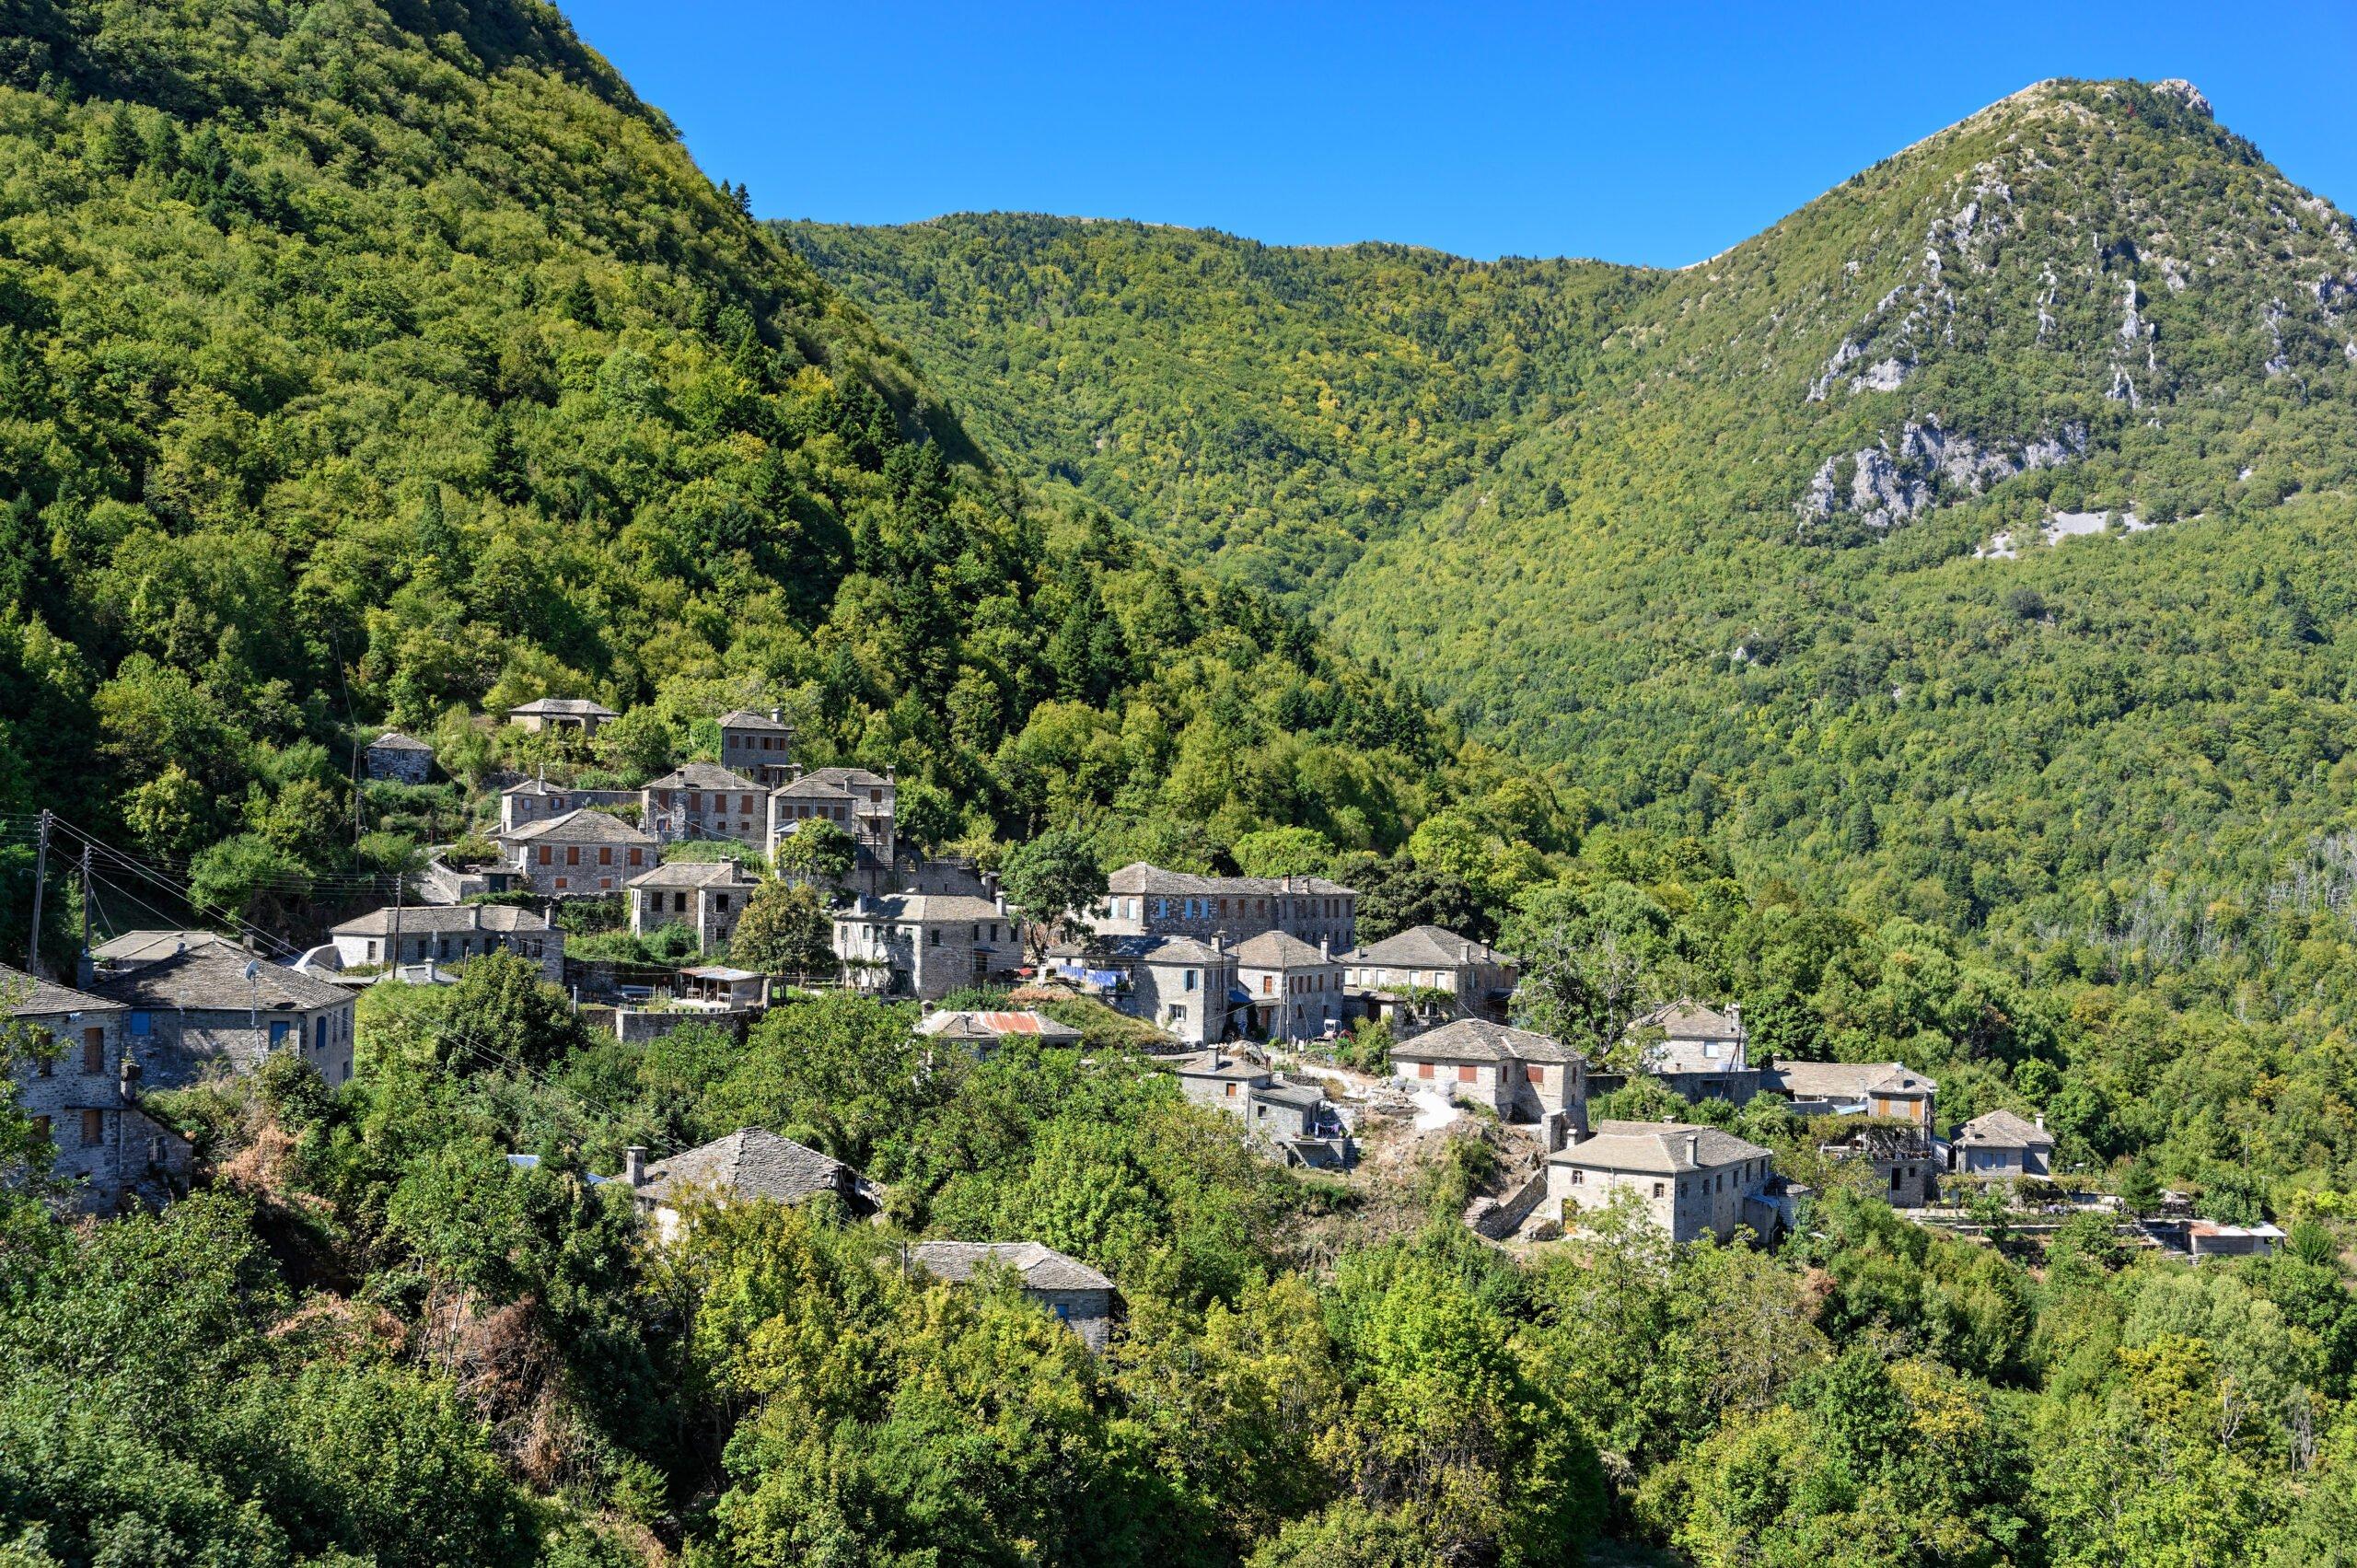 Zagori Secrets Sights & Bridges E-bike Tour From Elati Village - Ioannina_2